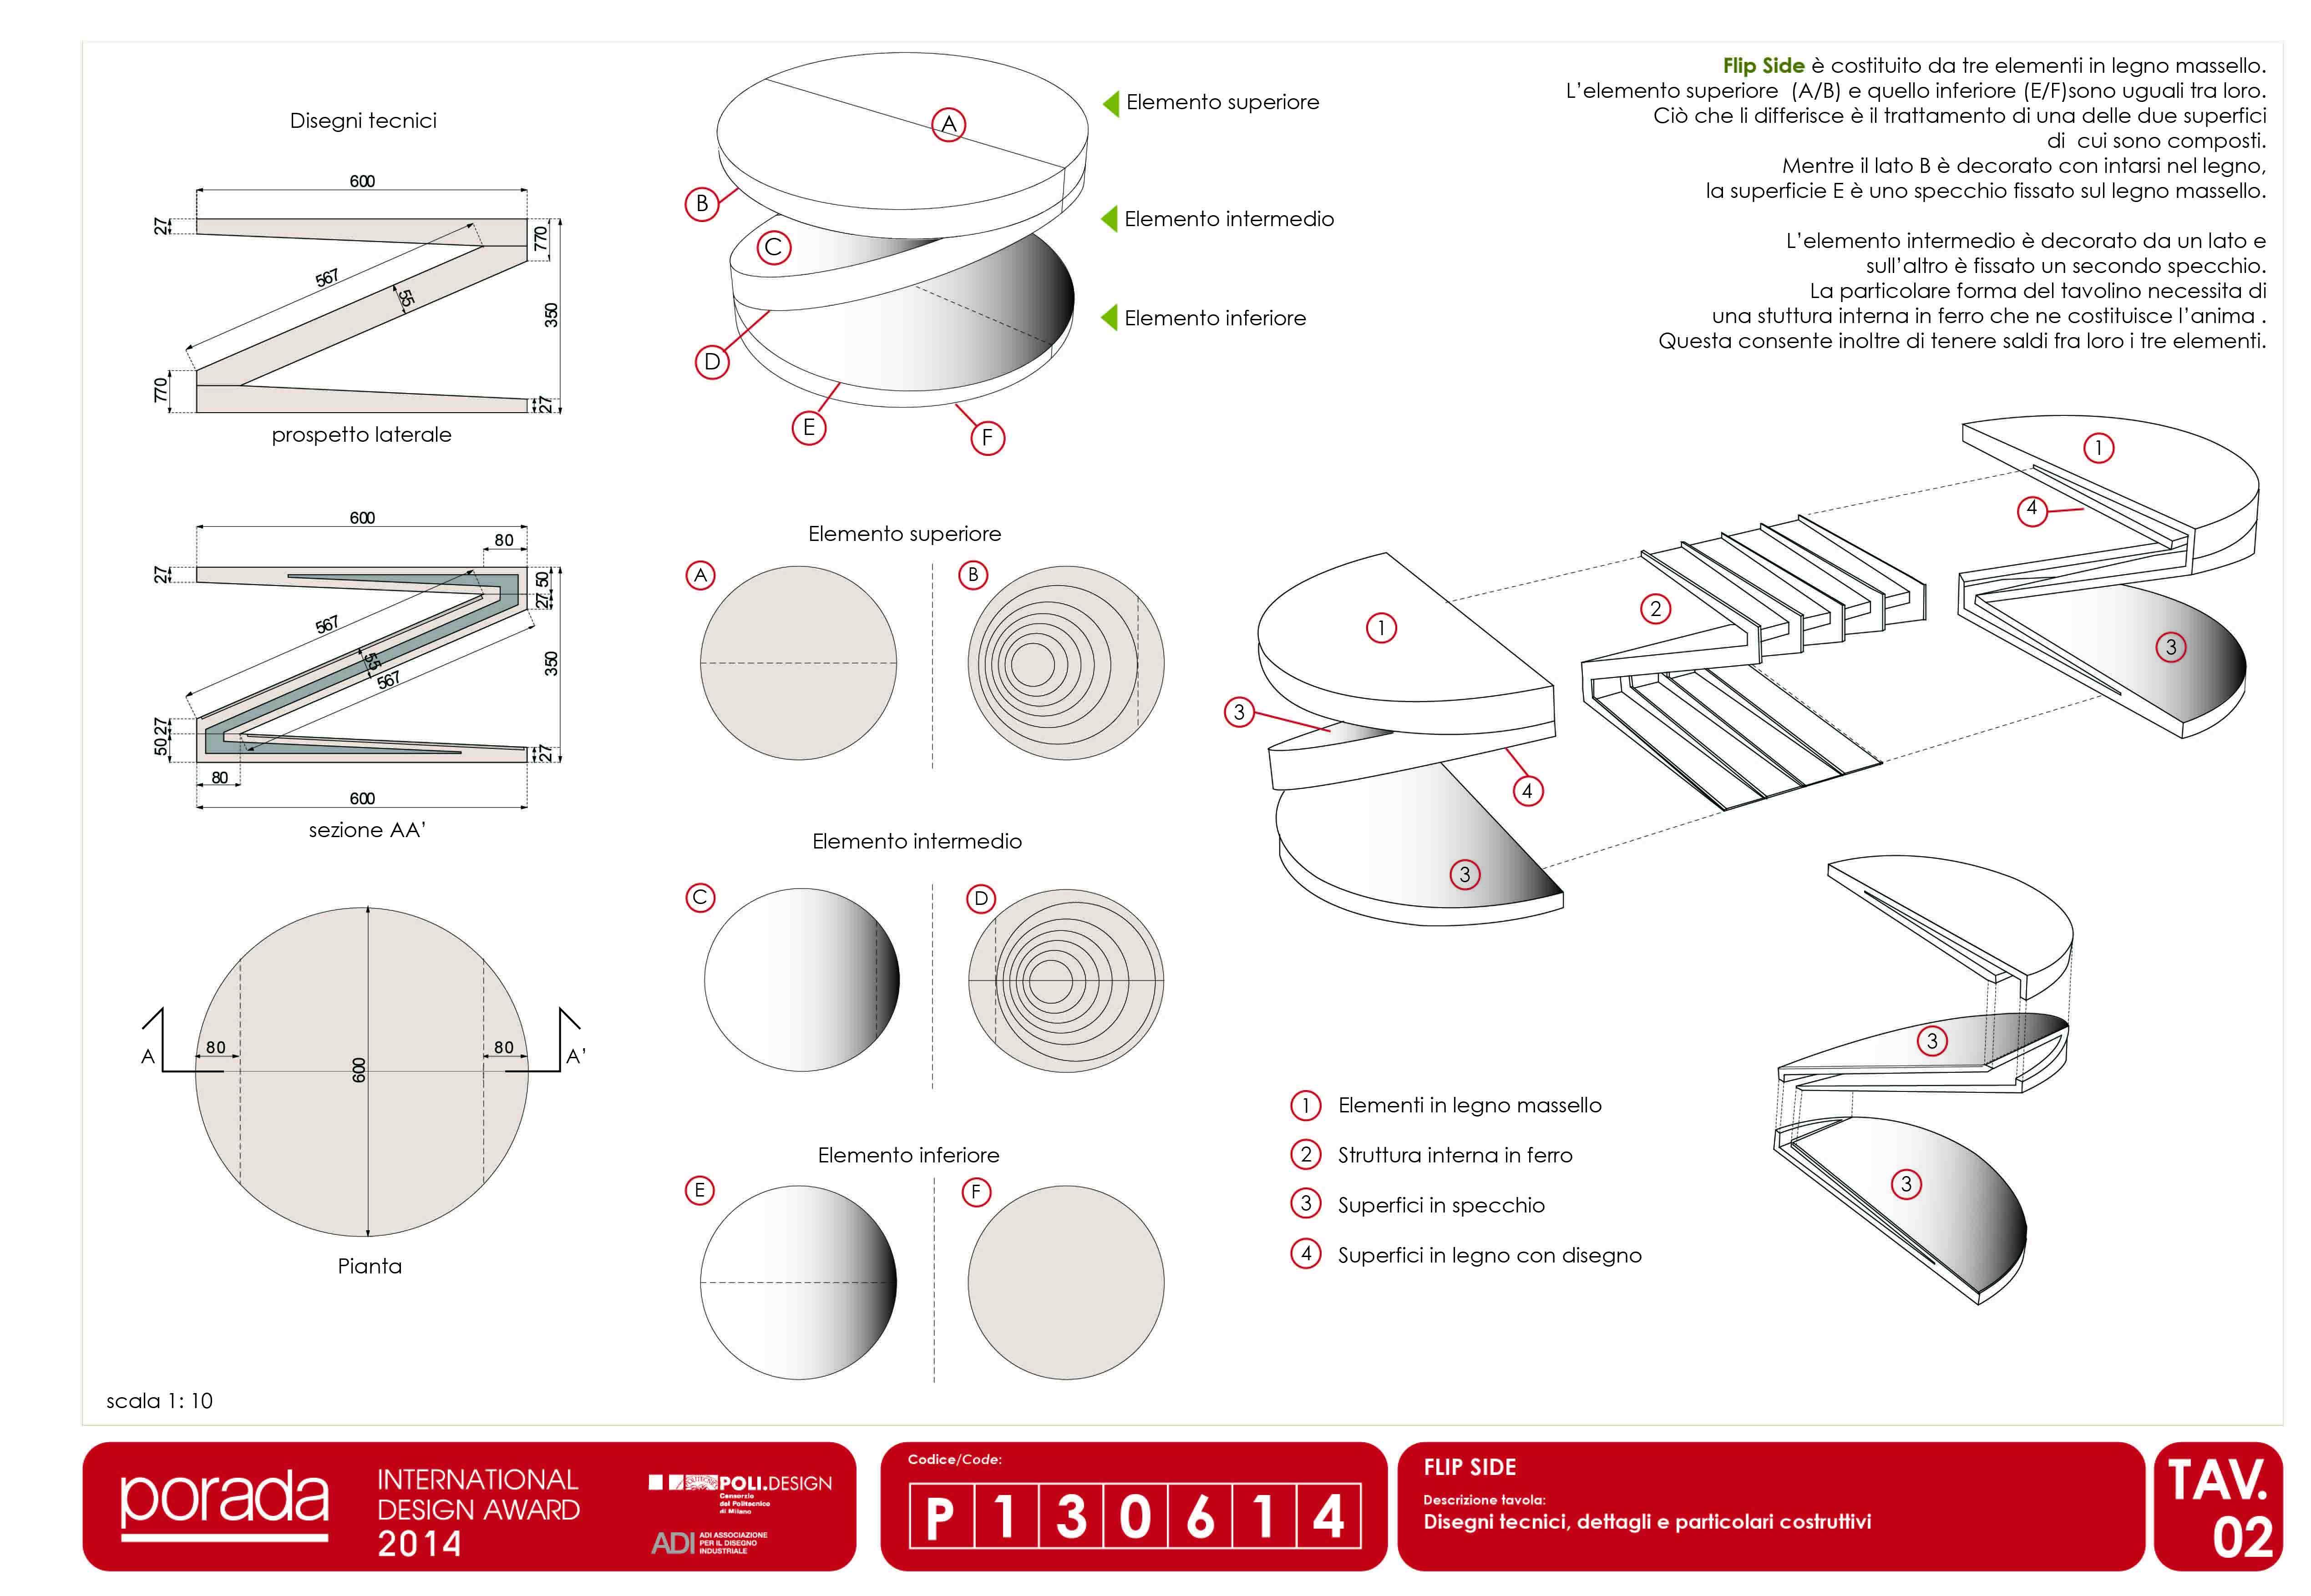 Concorso porada international design award 2014 inartdesign for Porada international design award 2016